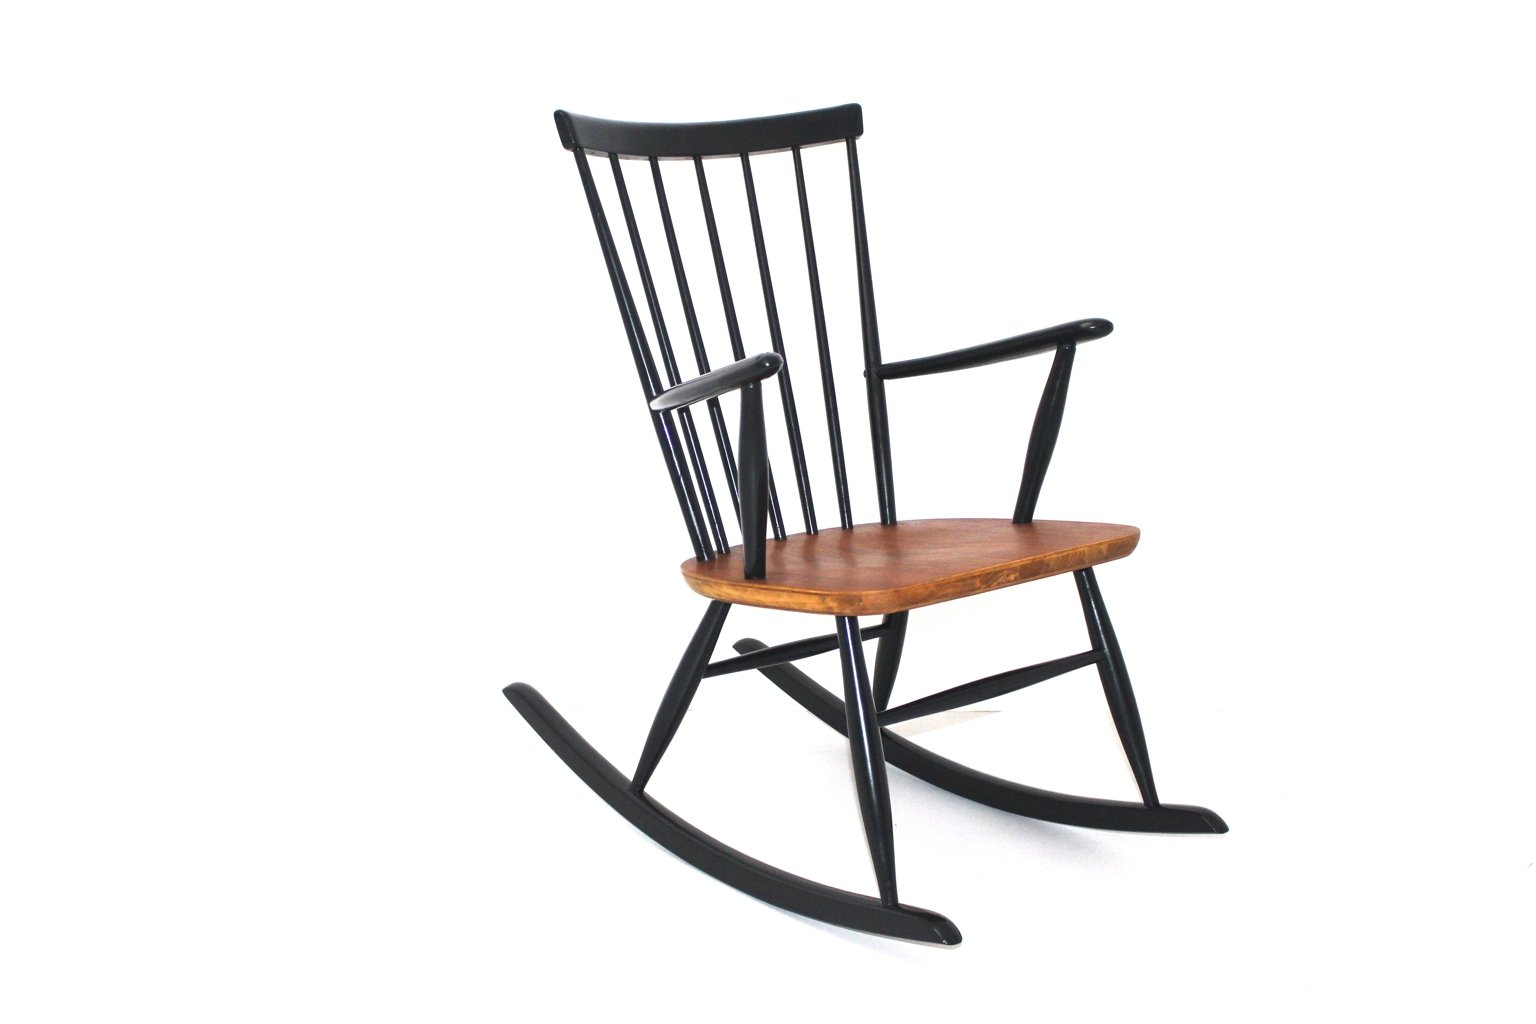 schaukelstuhl von roland rainer f r thonet 1950er bei pamono kaufen. Black Bedroom Furniture Sets. Home Design Ideas